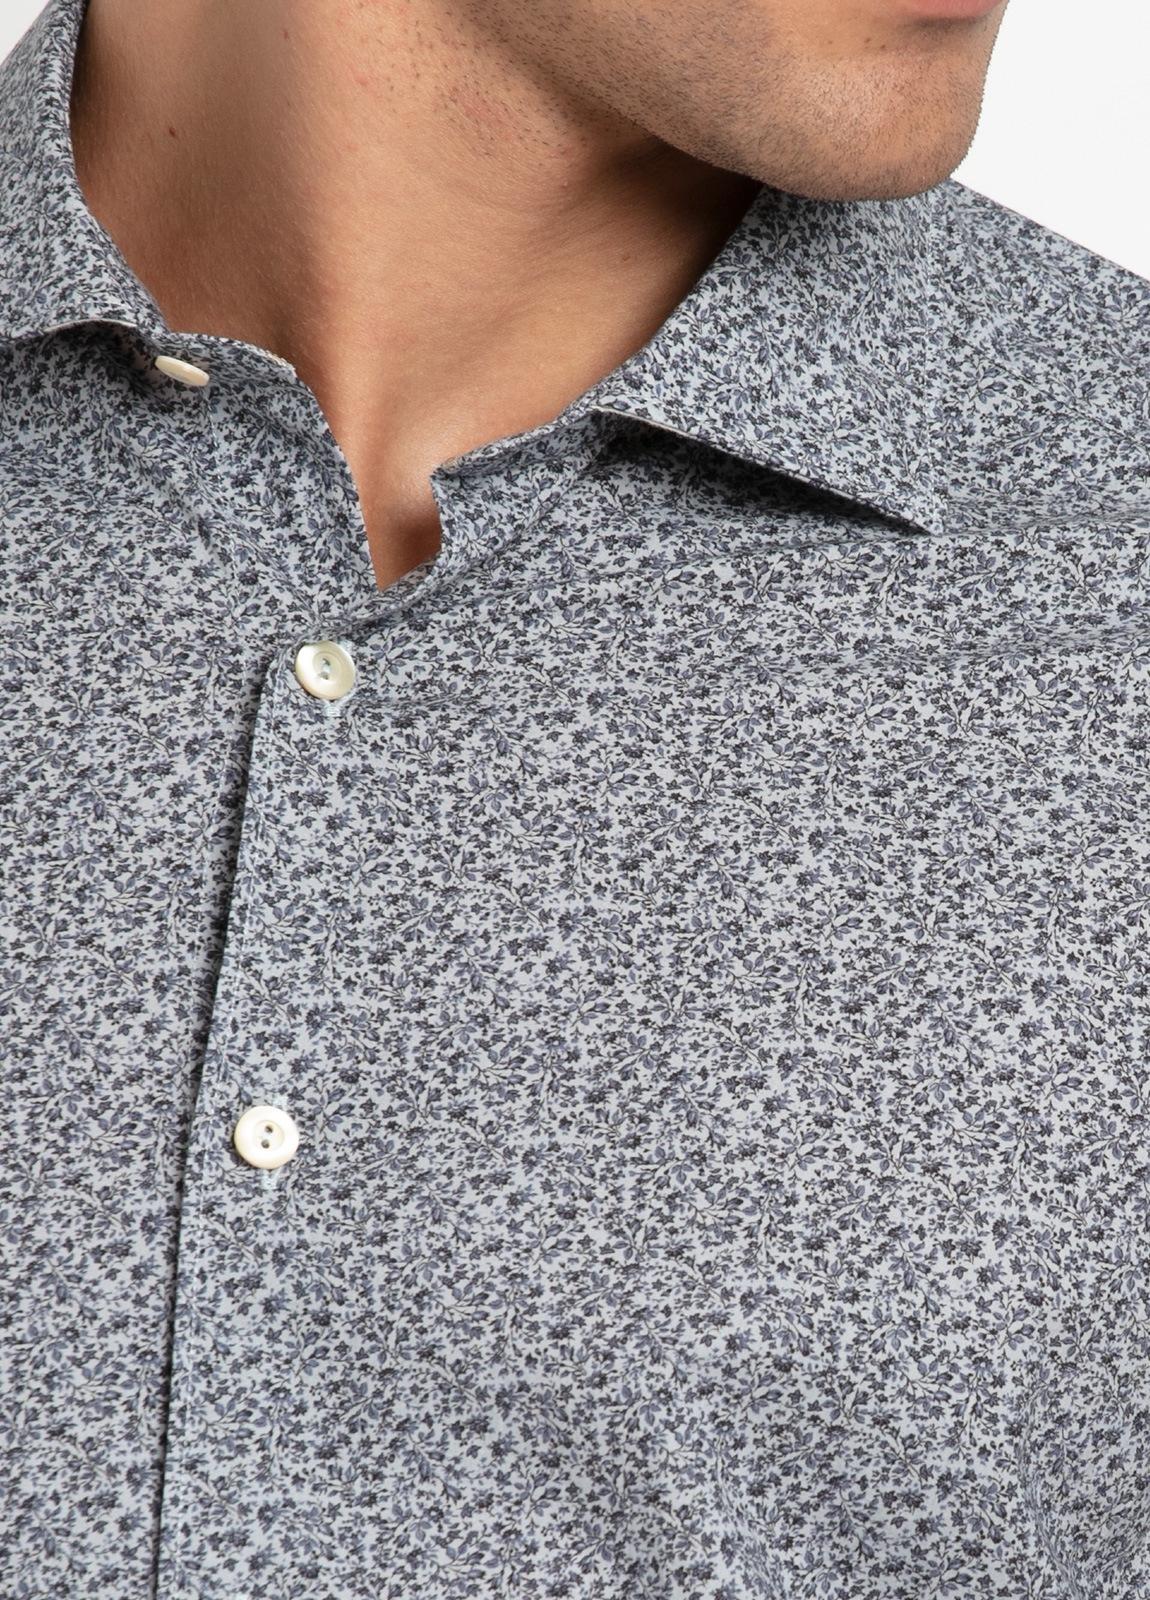 Camisa sport SLIM FIT con estampado floral en tonos gris azulado. 100% Algodón. - Ítem2